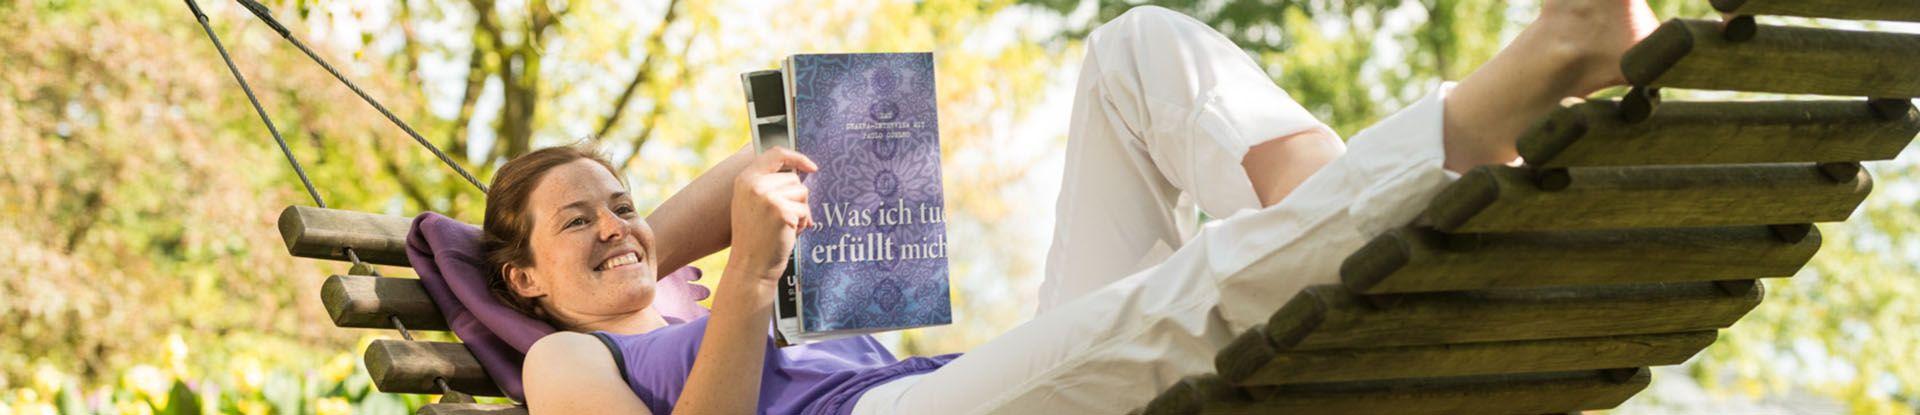 Eine Urlauberin liegt auf einer Hängematte im Kurpark und liest